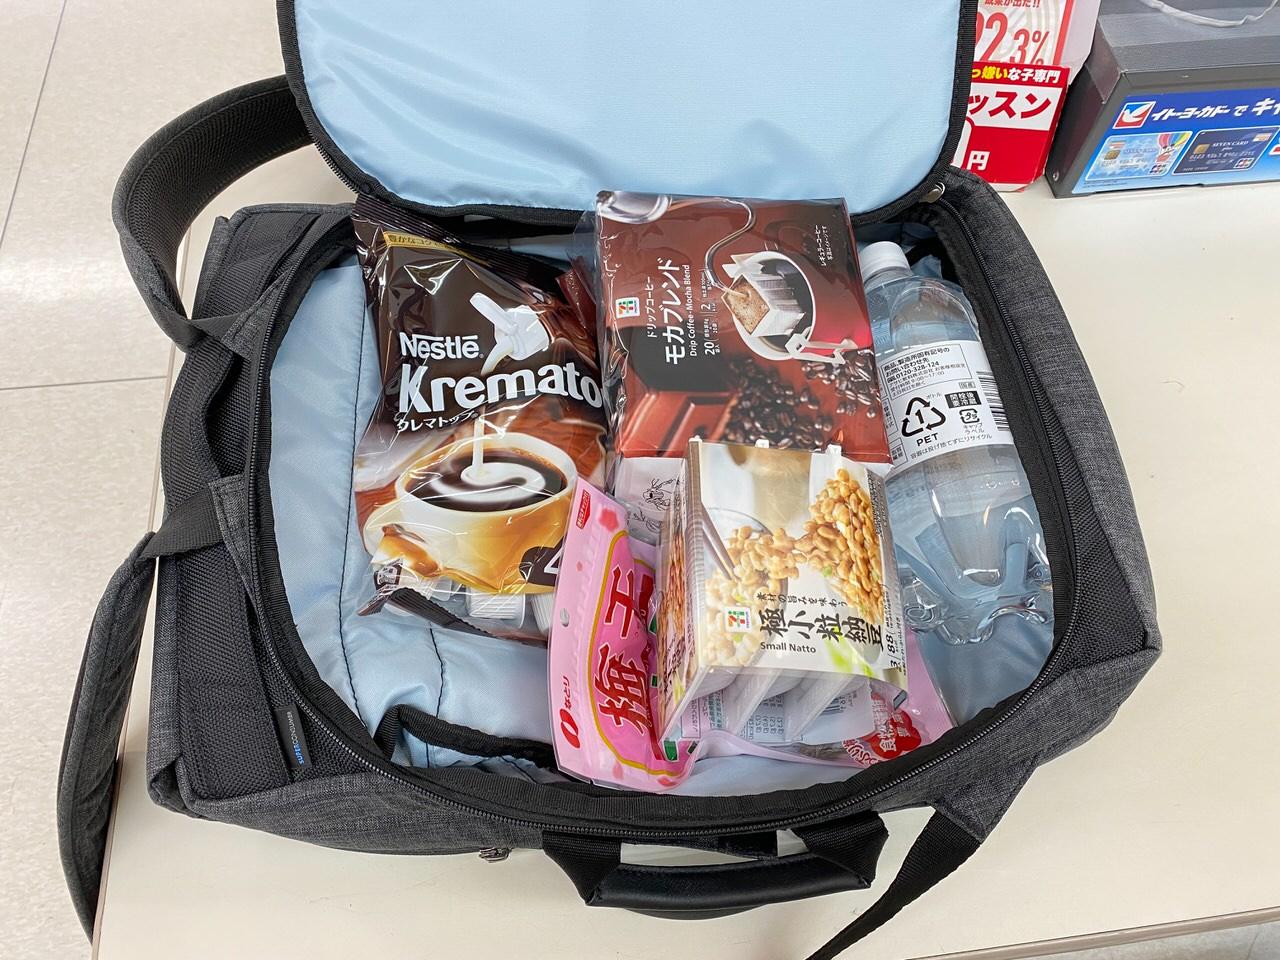 「かわるビジネスリュックmini」買い物バッグとしての普段遣いもけっこう良い 4